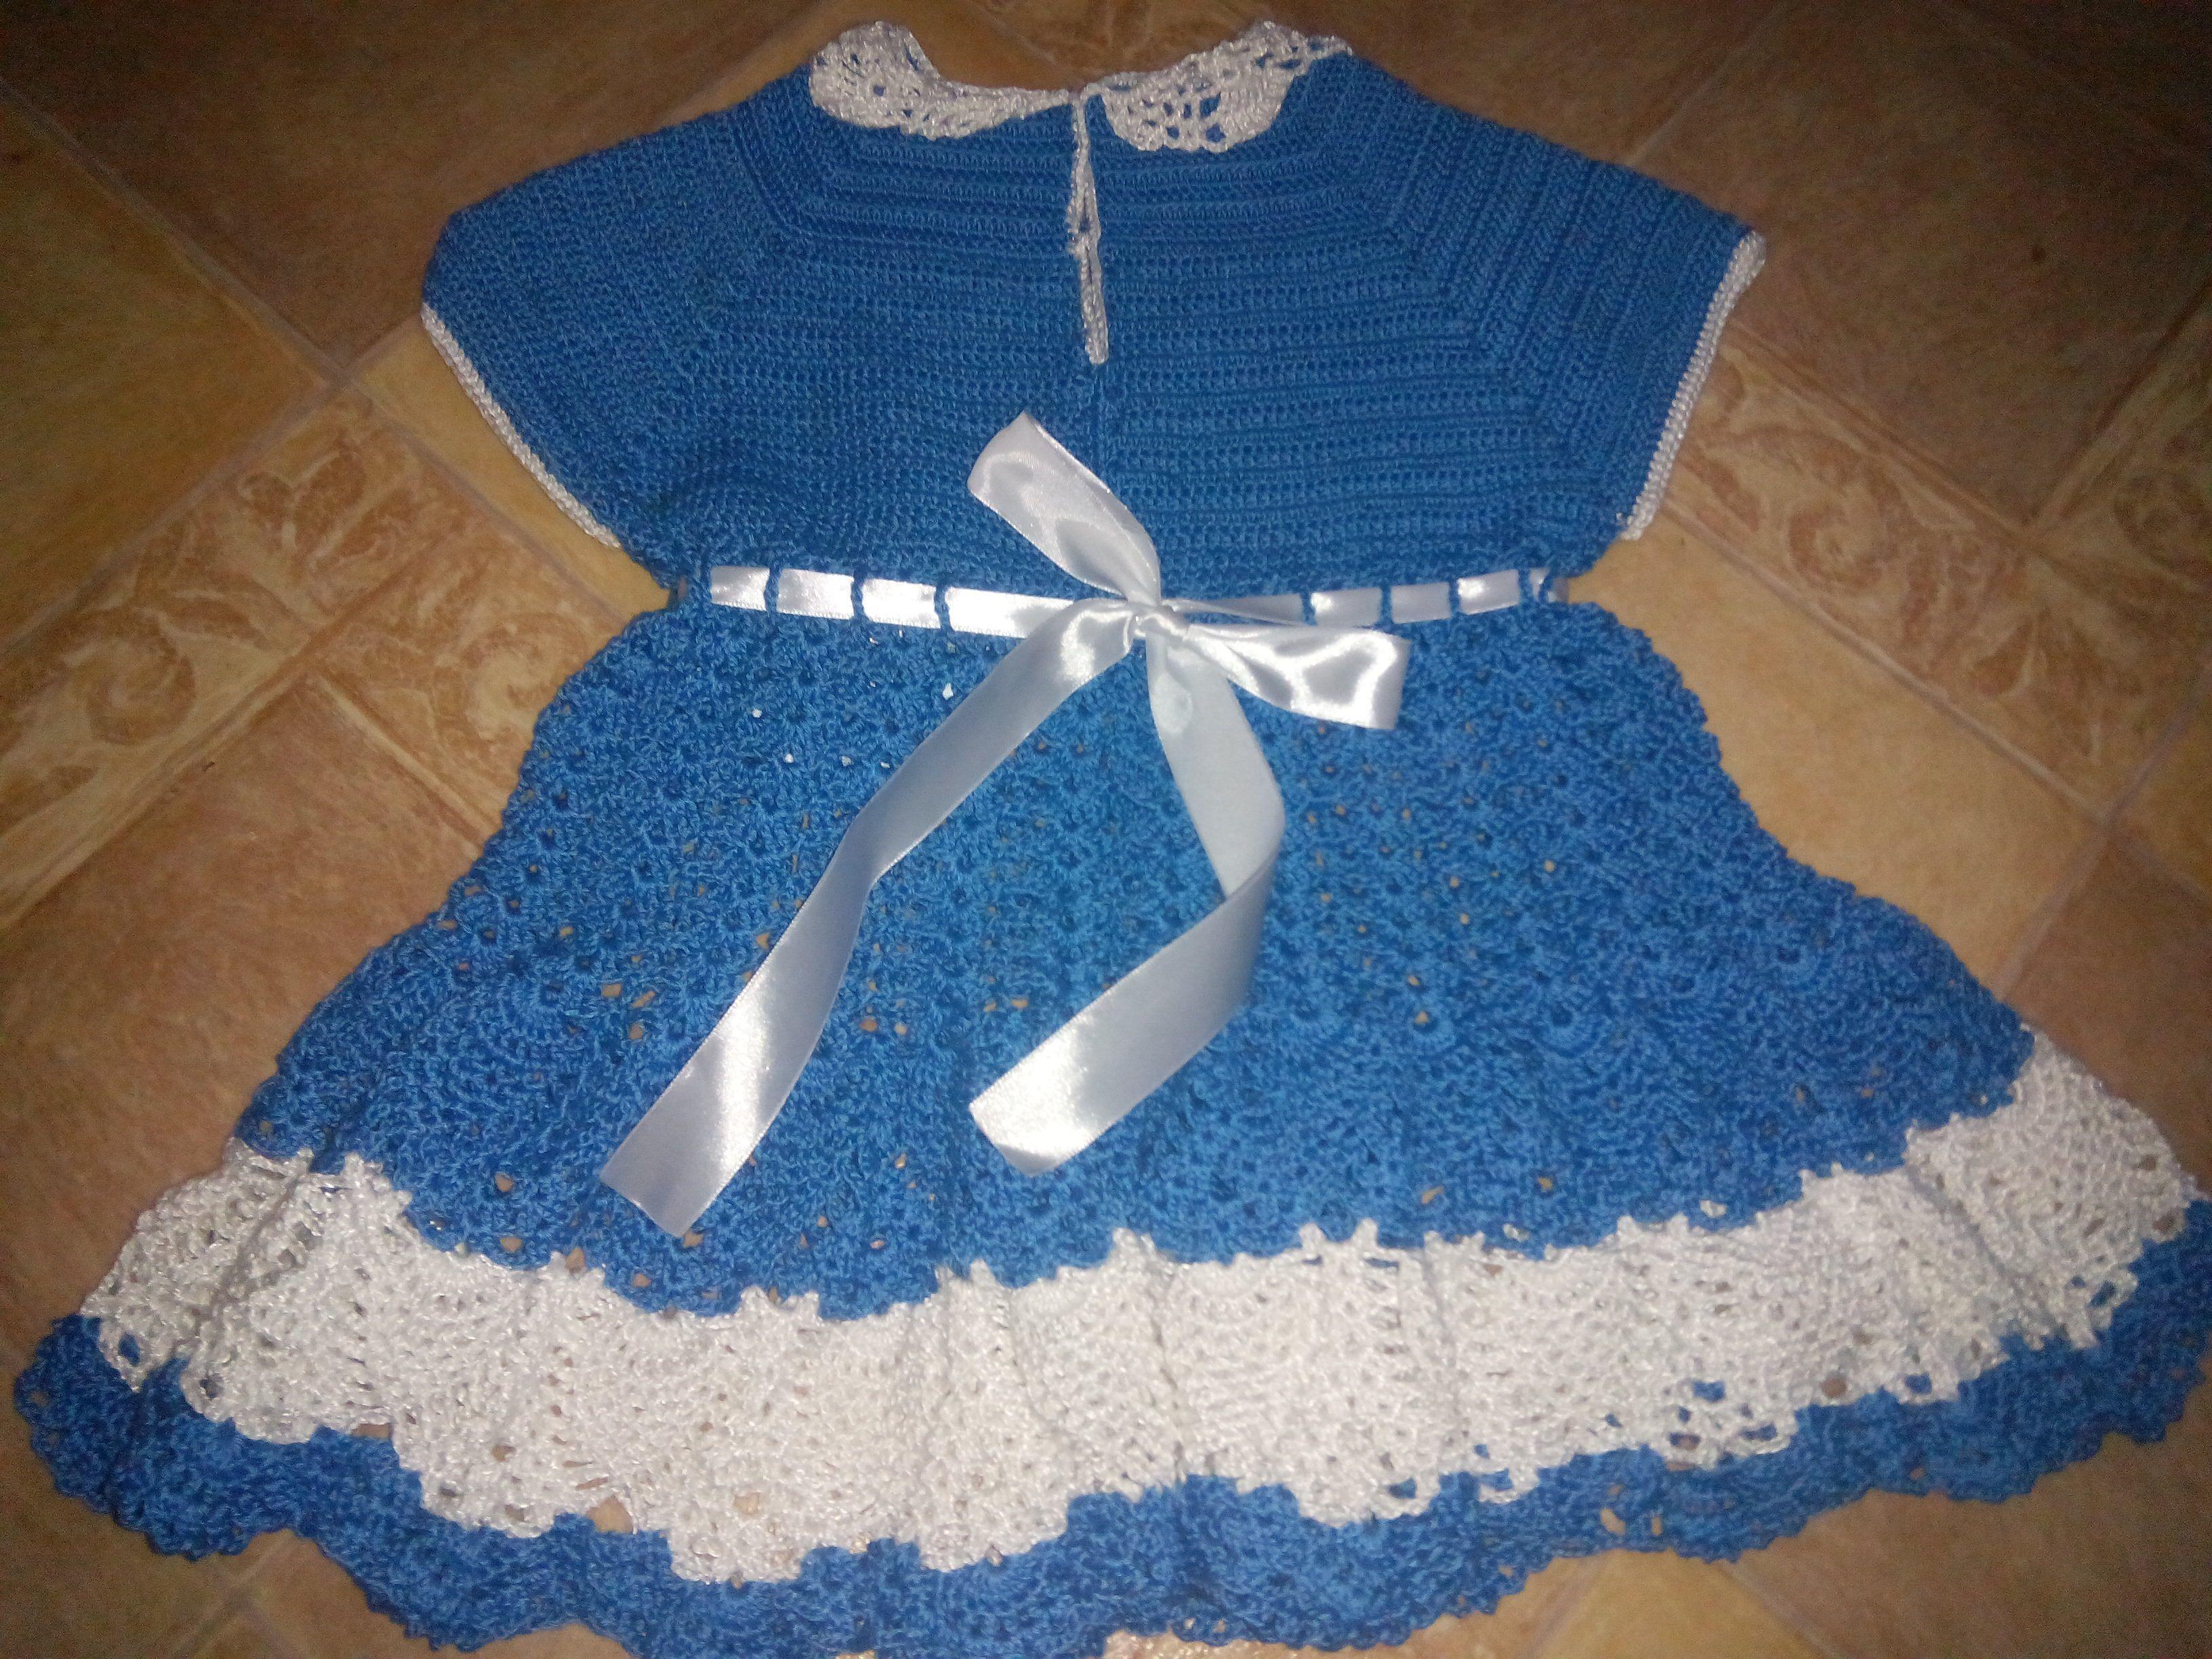 крючком работа платье лето для ручная девочки вязание дети кружево